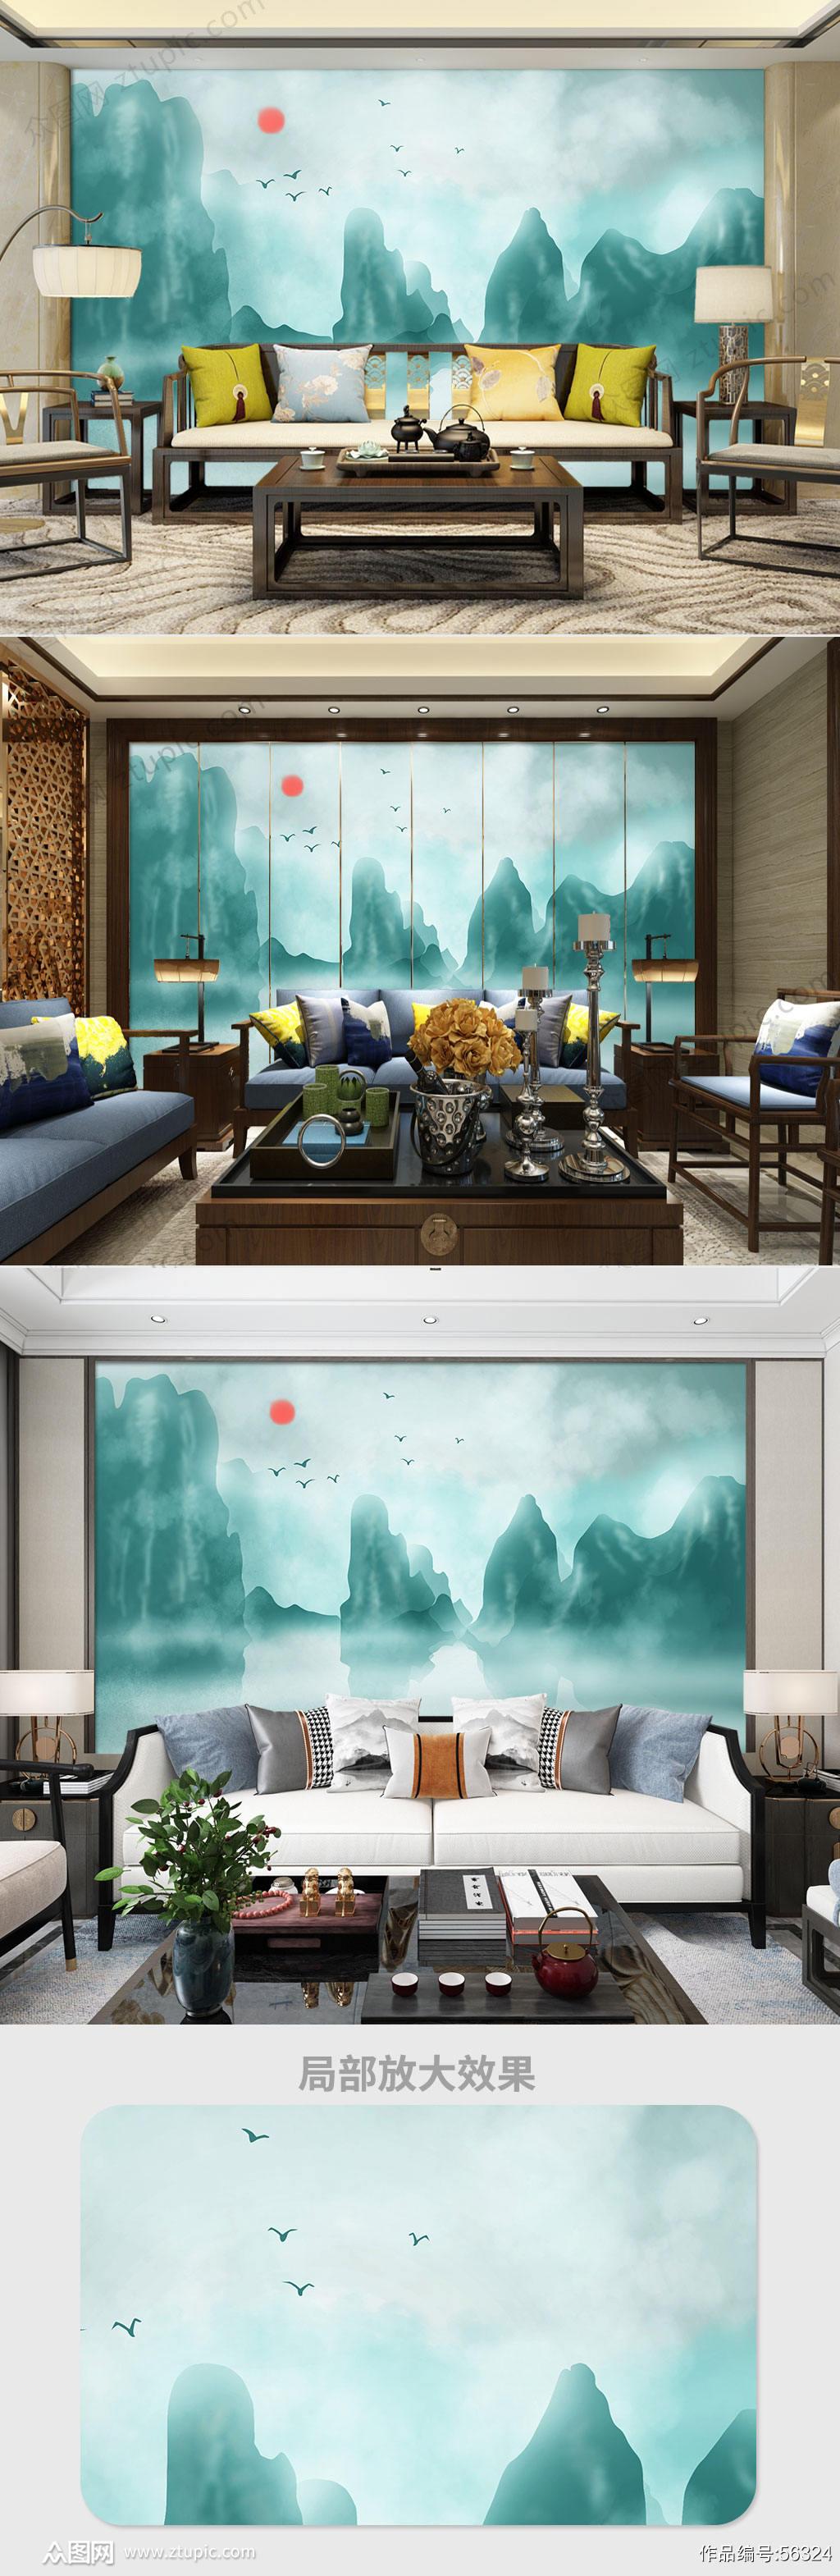 大气山水山流水电视背景墙素材